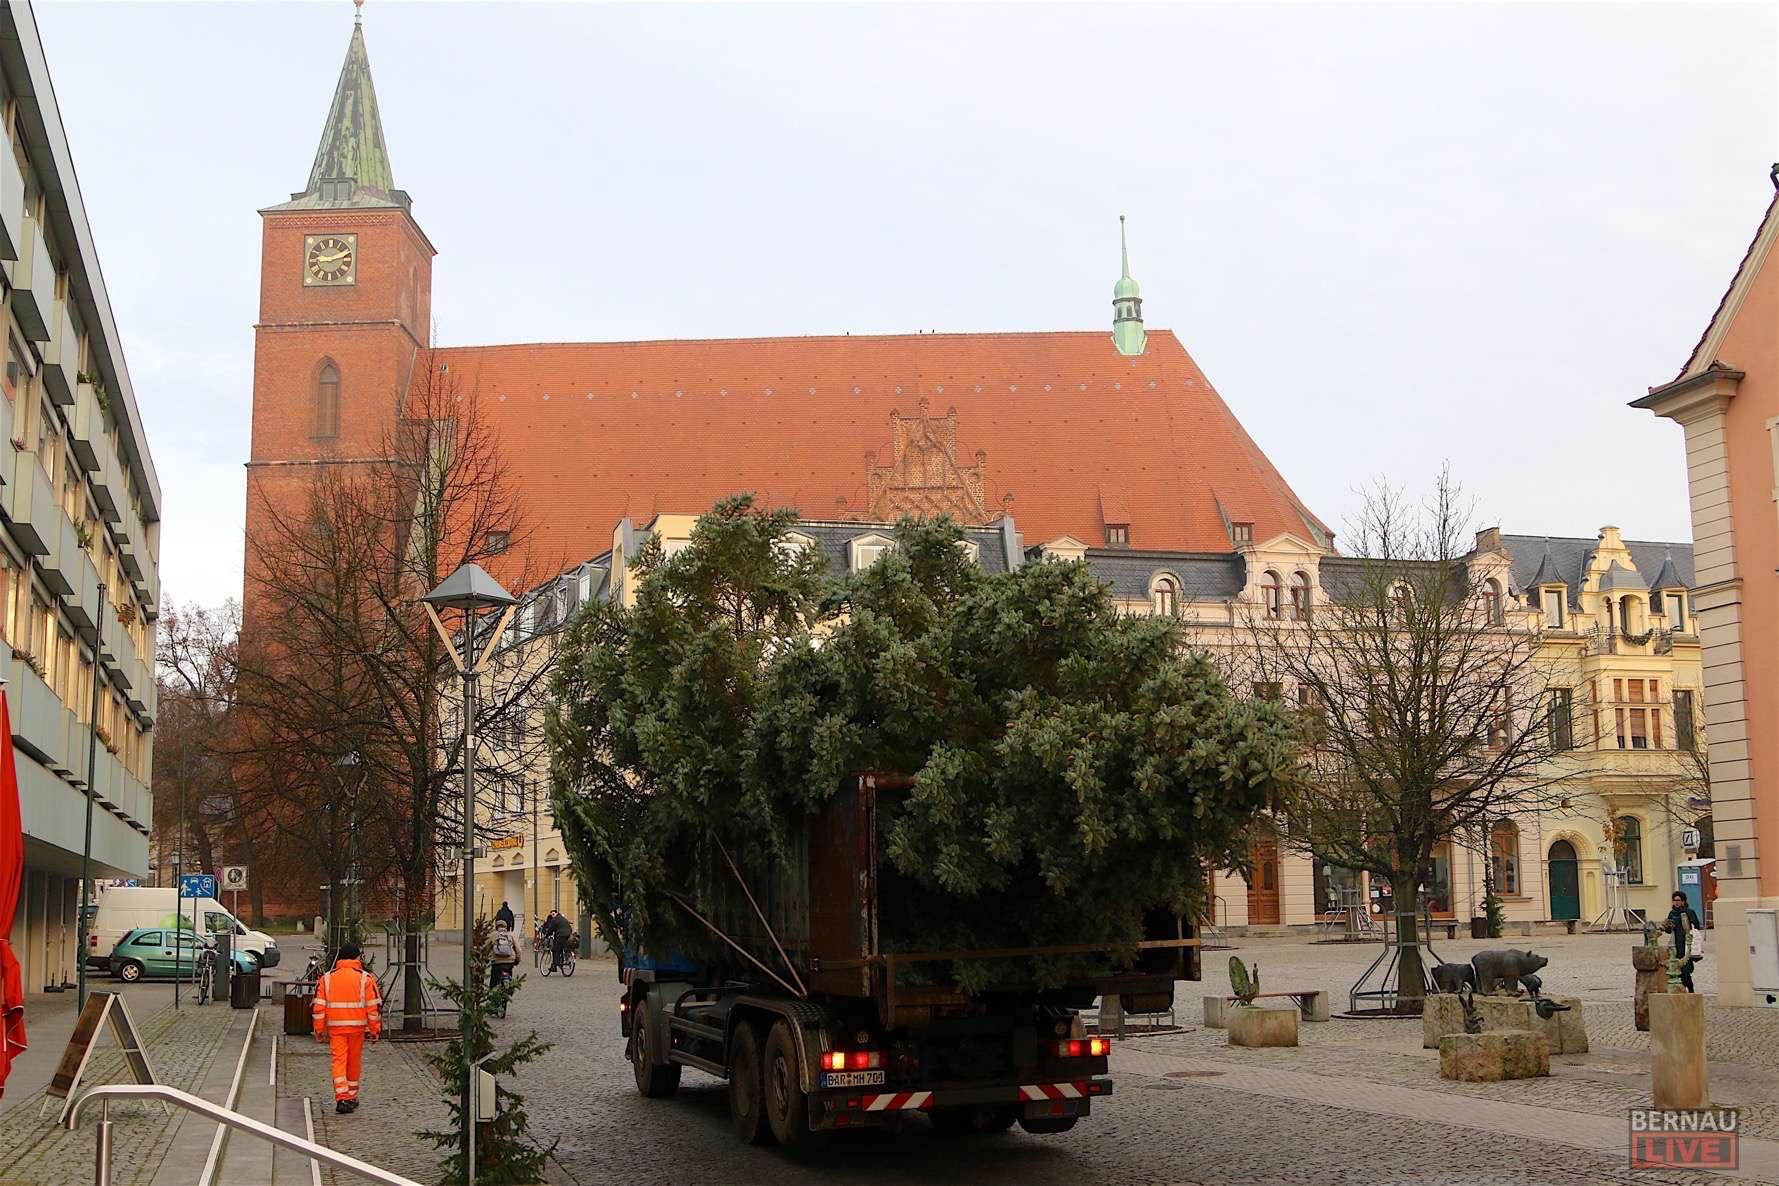 Weihnachtsbaum Selber Schlagen Berlin Brandenburg.Bernau Weihnachtsbäume Zum Selber Schlagen Im Bernauer Stadtwald